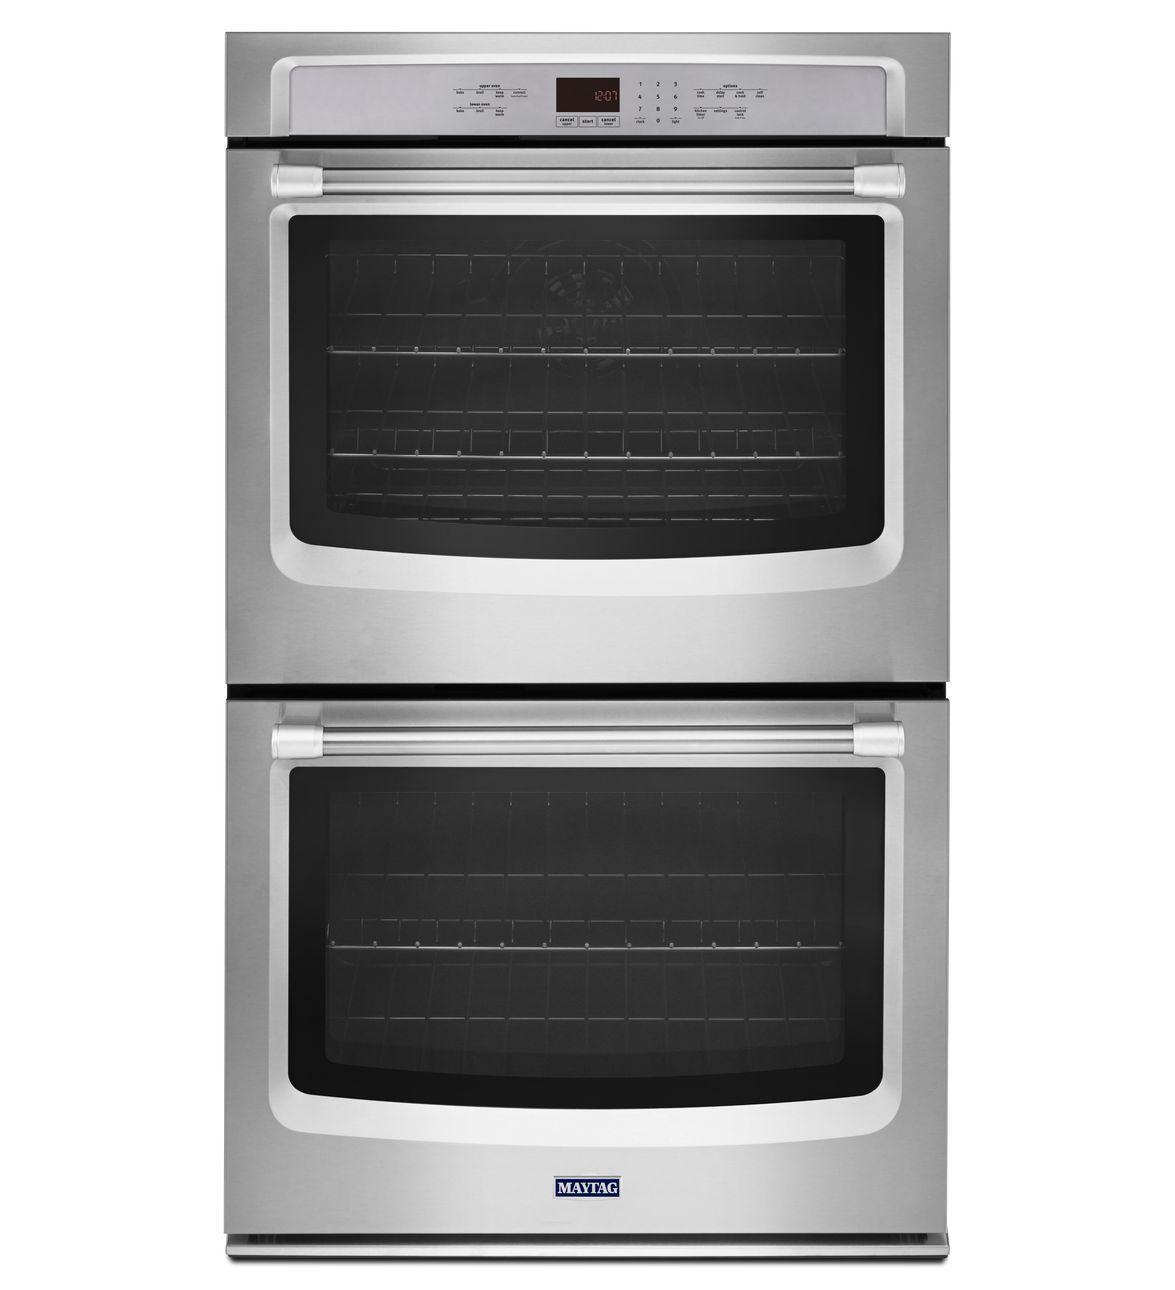 kitchenaid 27 double wall oven white